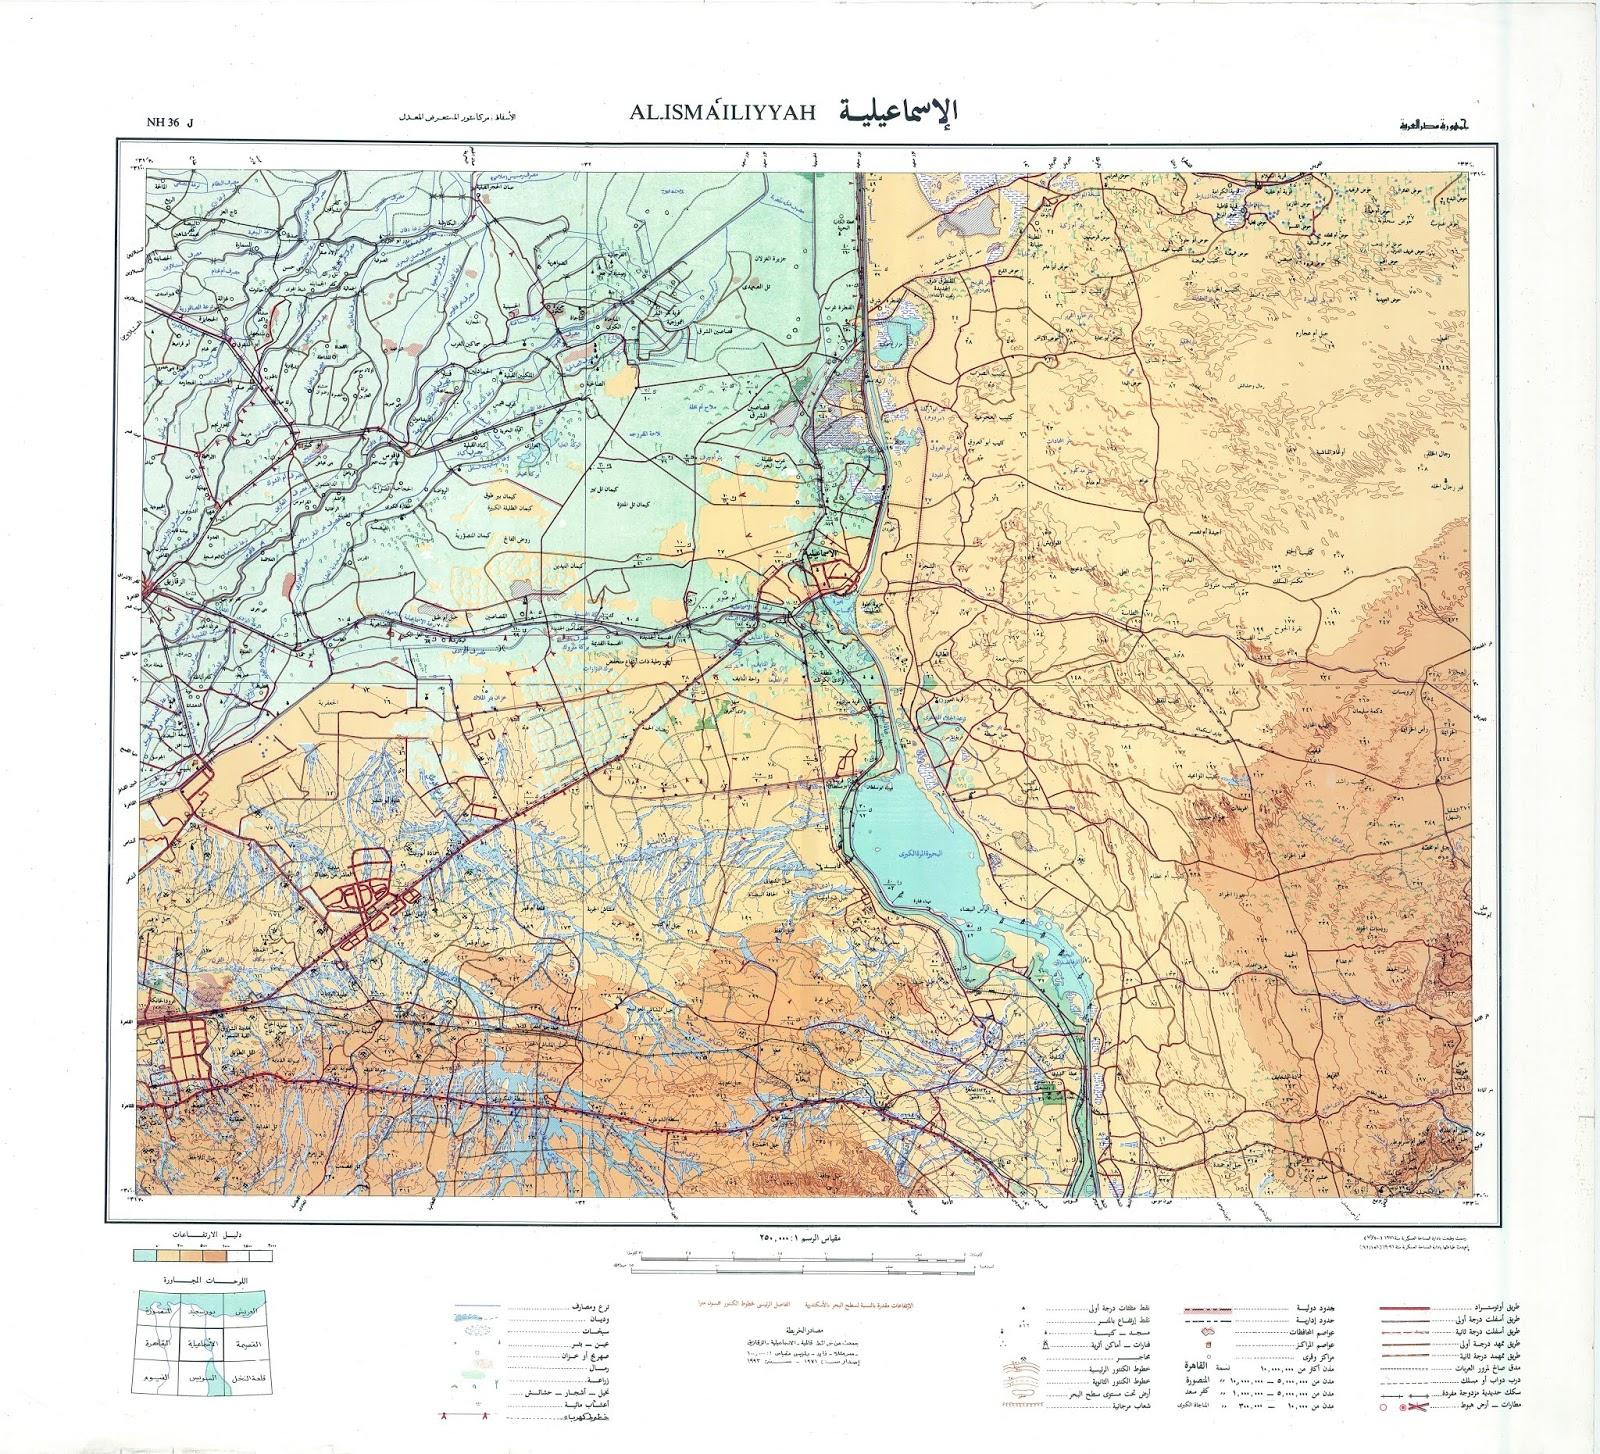 الخرائط الطبوغرافية المصرية لوحة الإسماعيلية